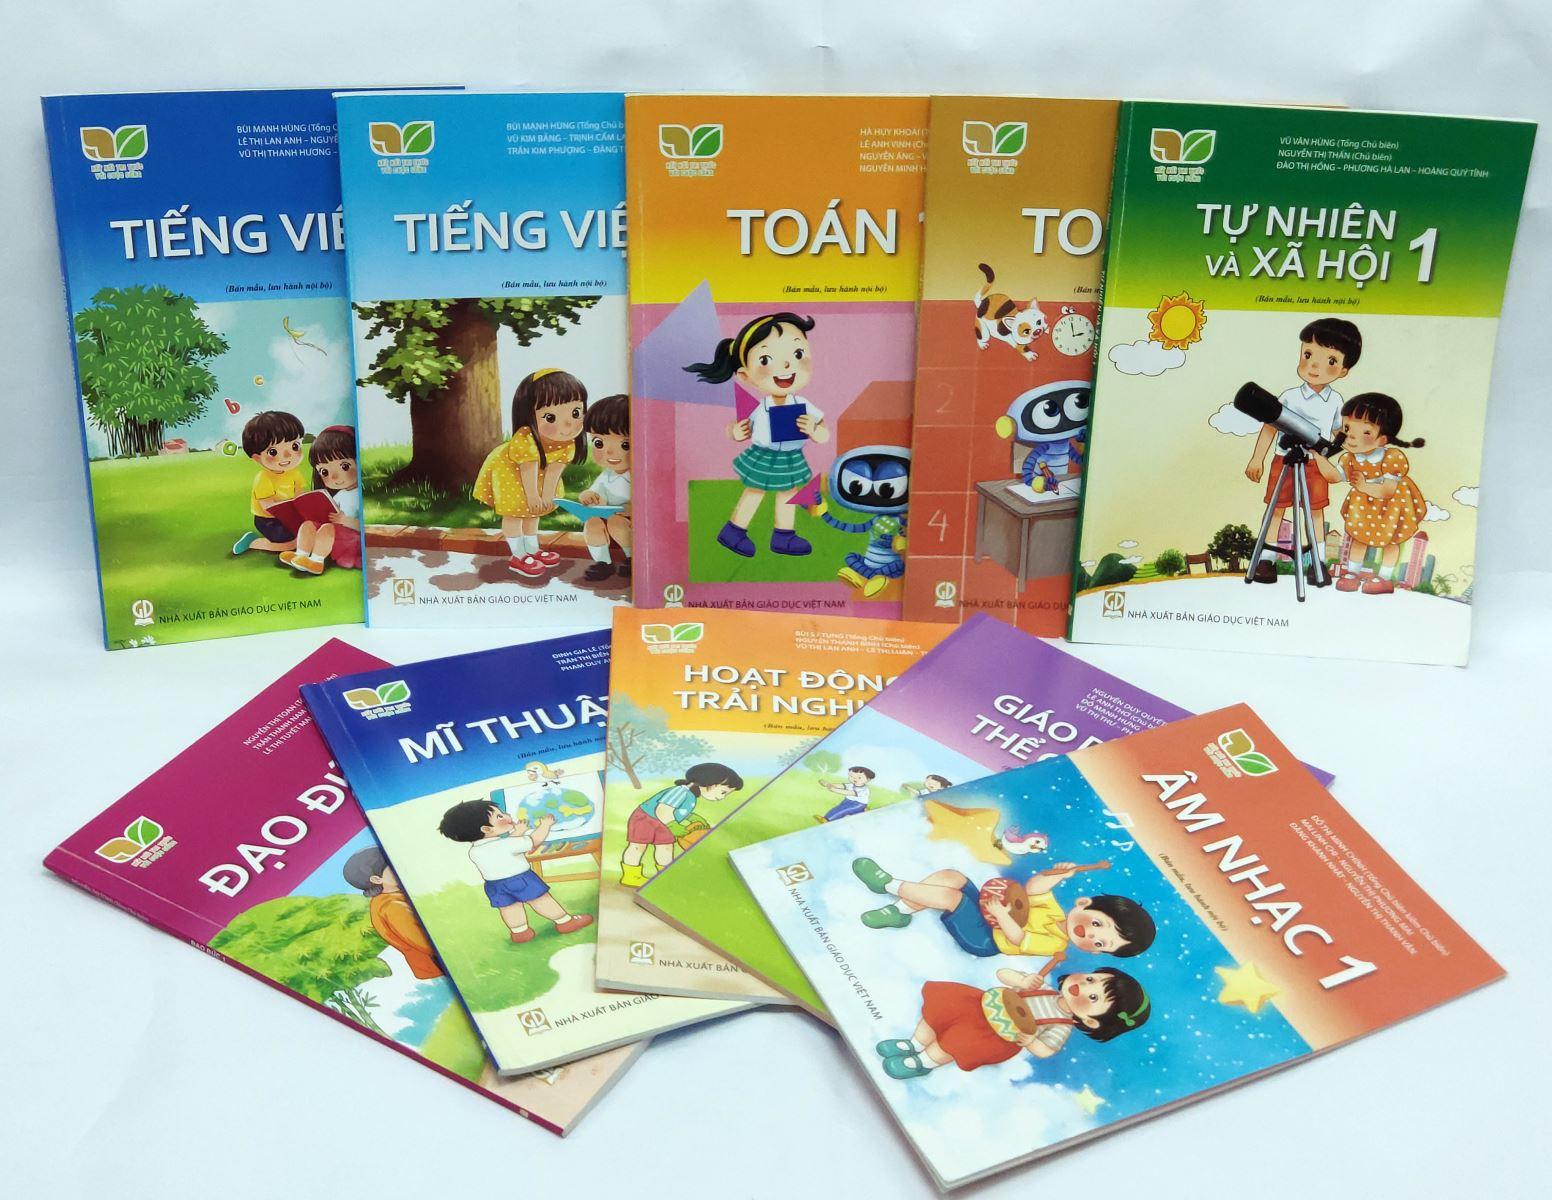 Chi tiết giá 5 bộ sách giáo khoa lớp 1 mới sẽ được sử dụng từ năm học 2020-2021, cha mẹ chú ý để chuẩn bị cho con - Ảnh 3.